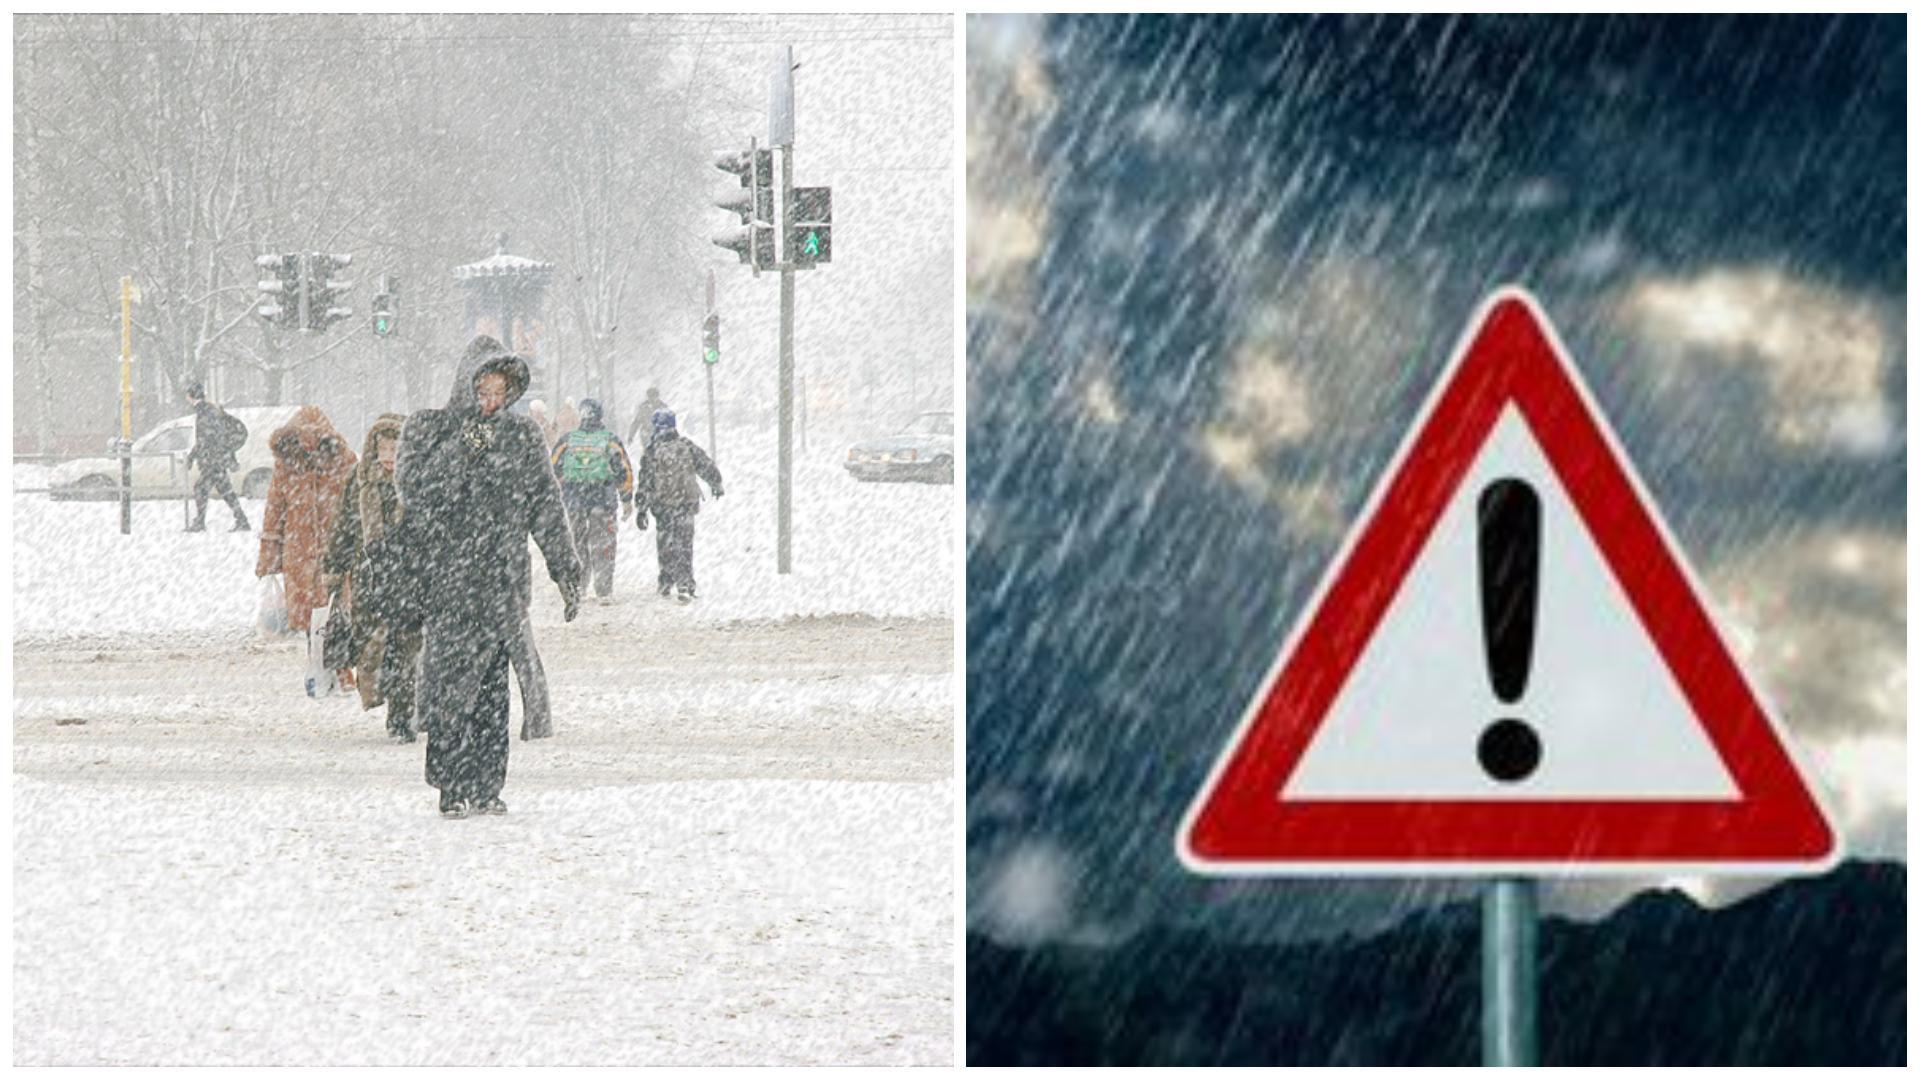 Alertă Meteo! Cod galben de ninsori și vreme rea. Până când este valabilă avertizarea meteorologilor